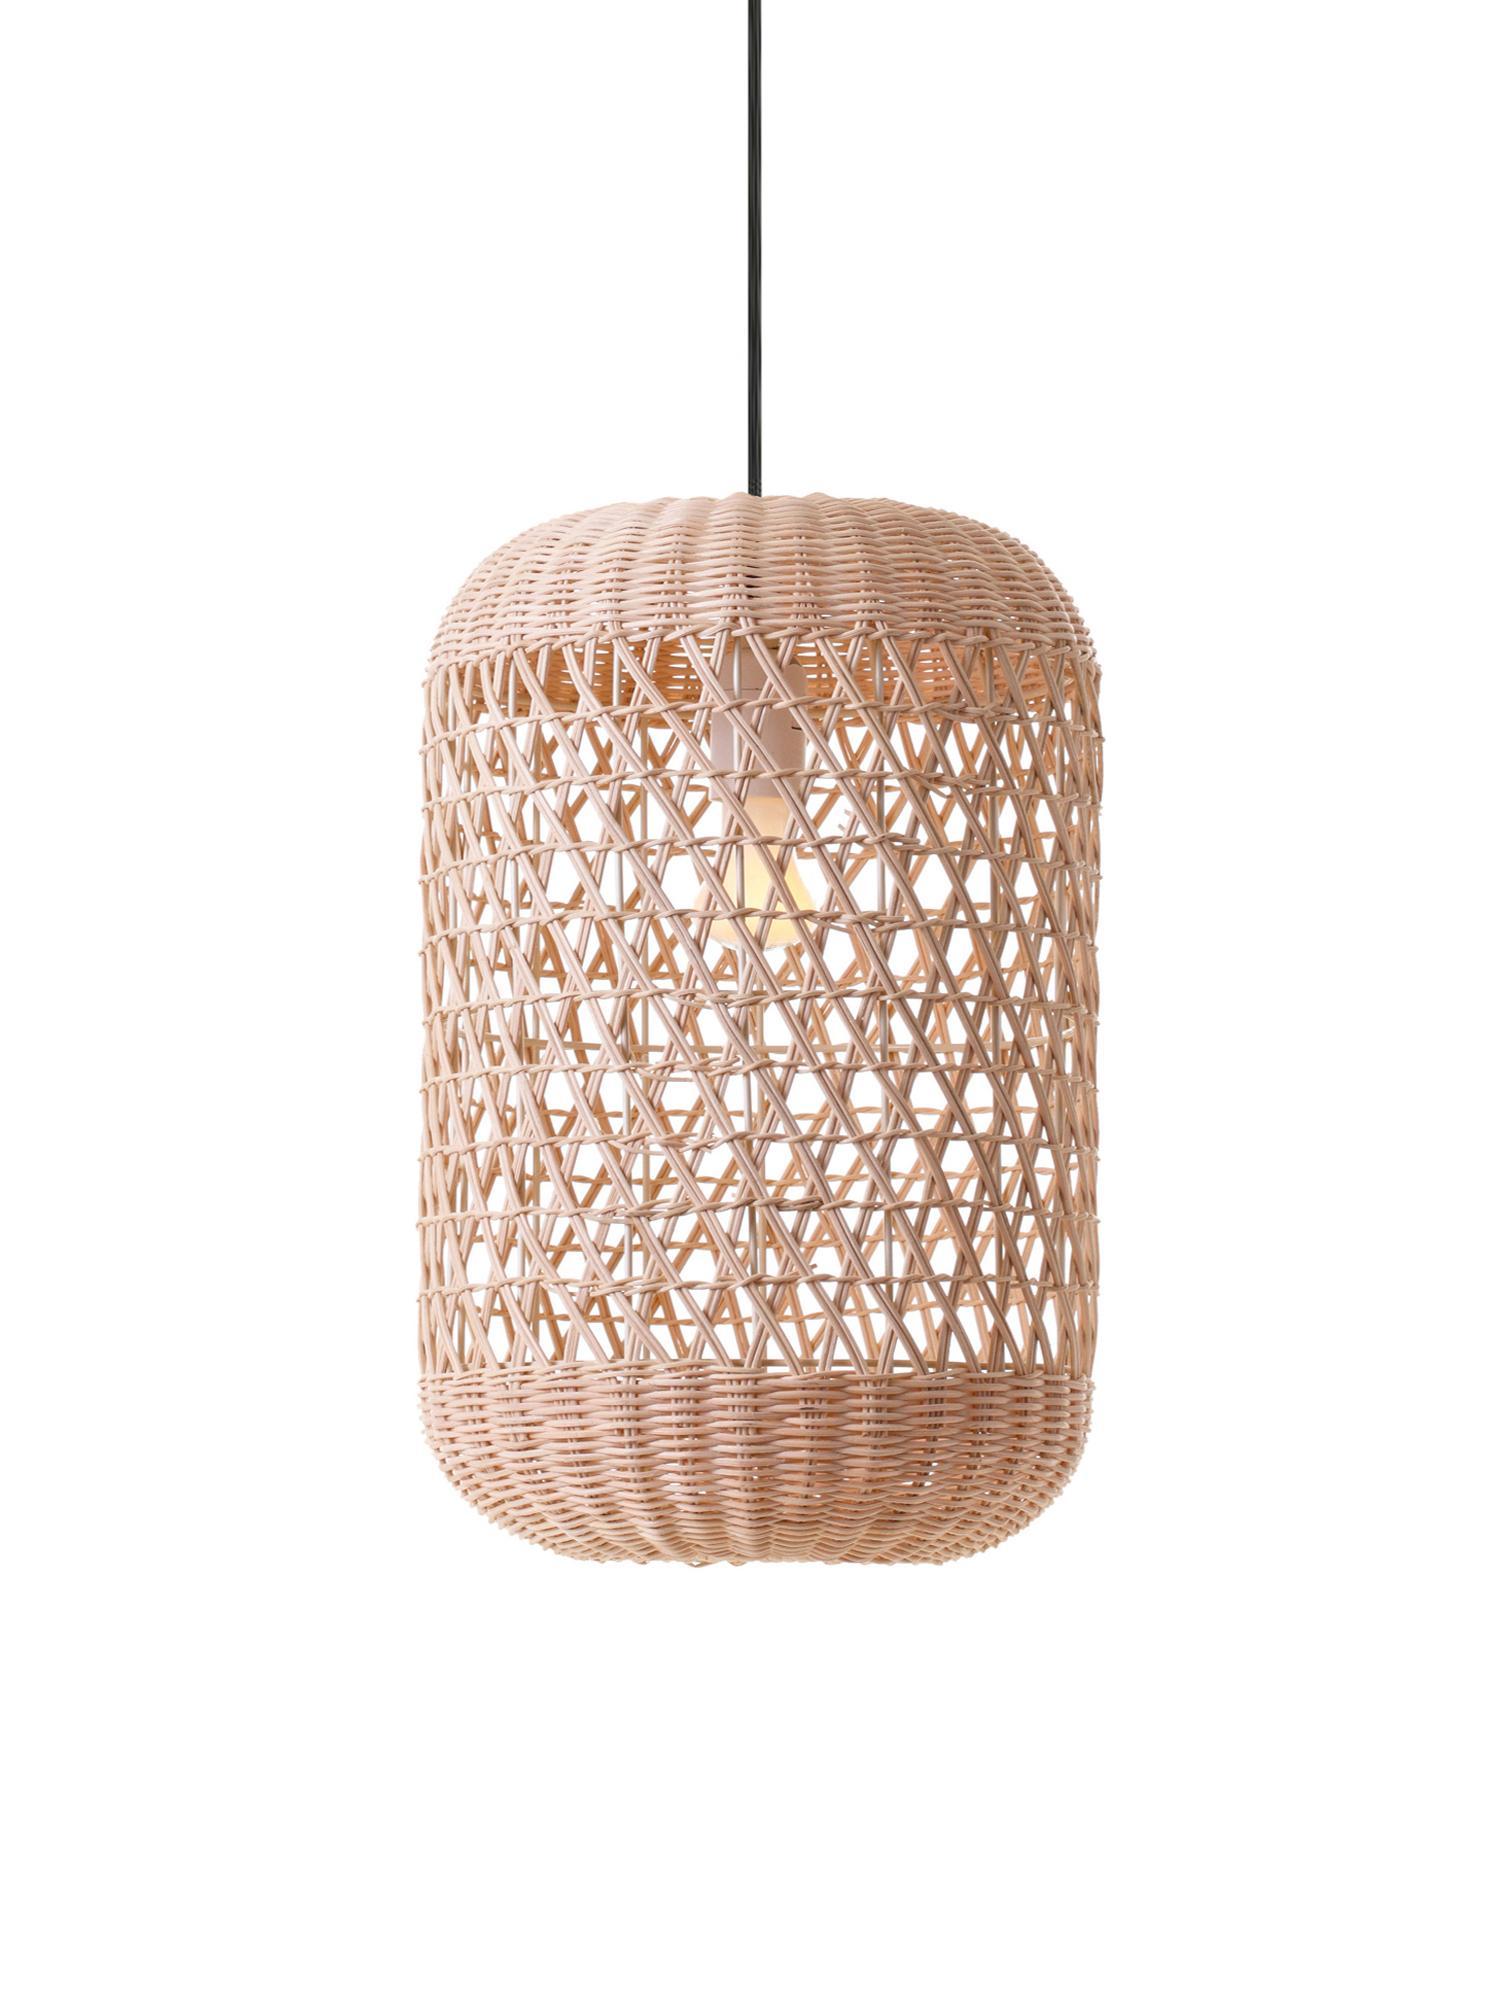 Pendelleuchte Aurora aus Bambus, Lampenschirm: Bambus, Baldachin: Kunststoff, Hellbraun, Ø 25 x H 37 cm